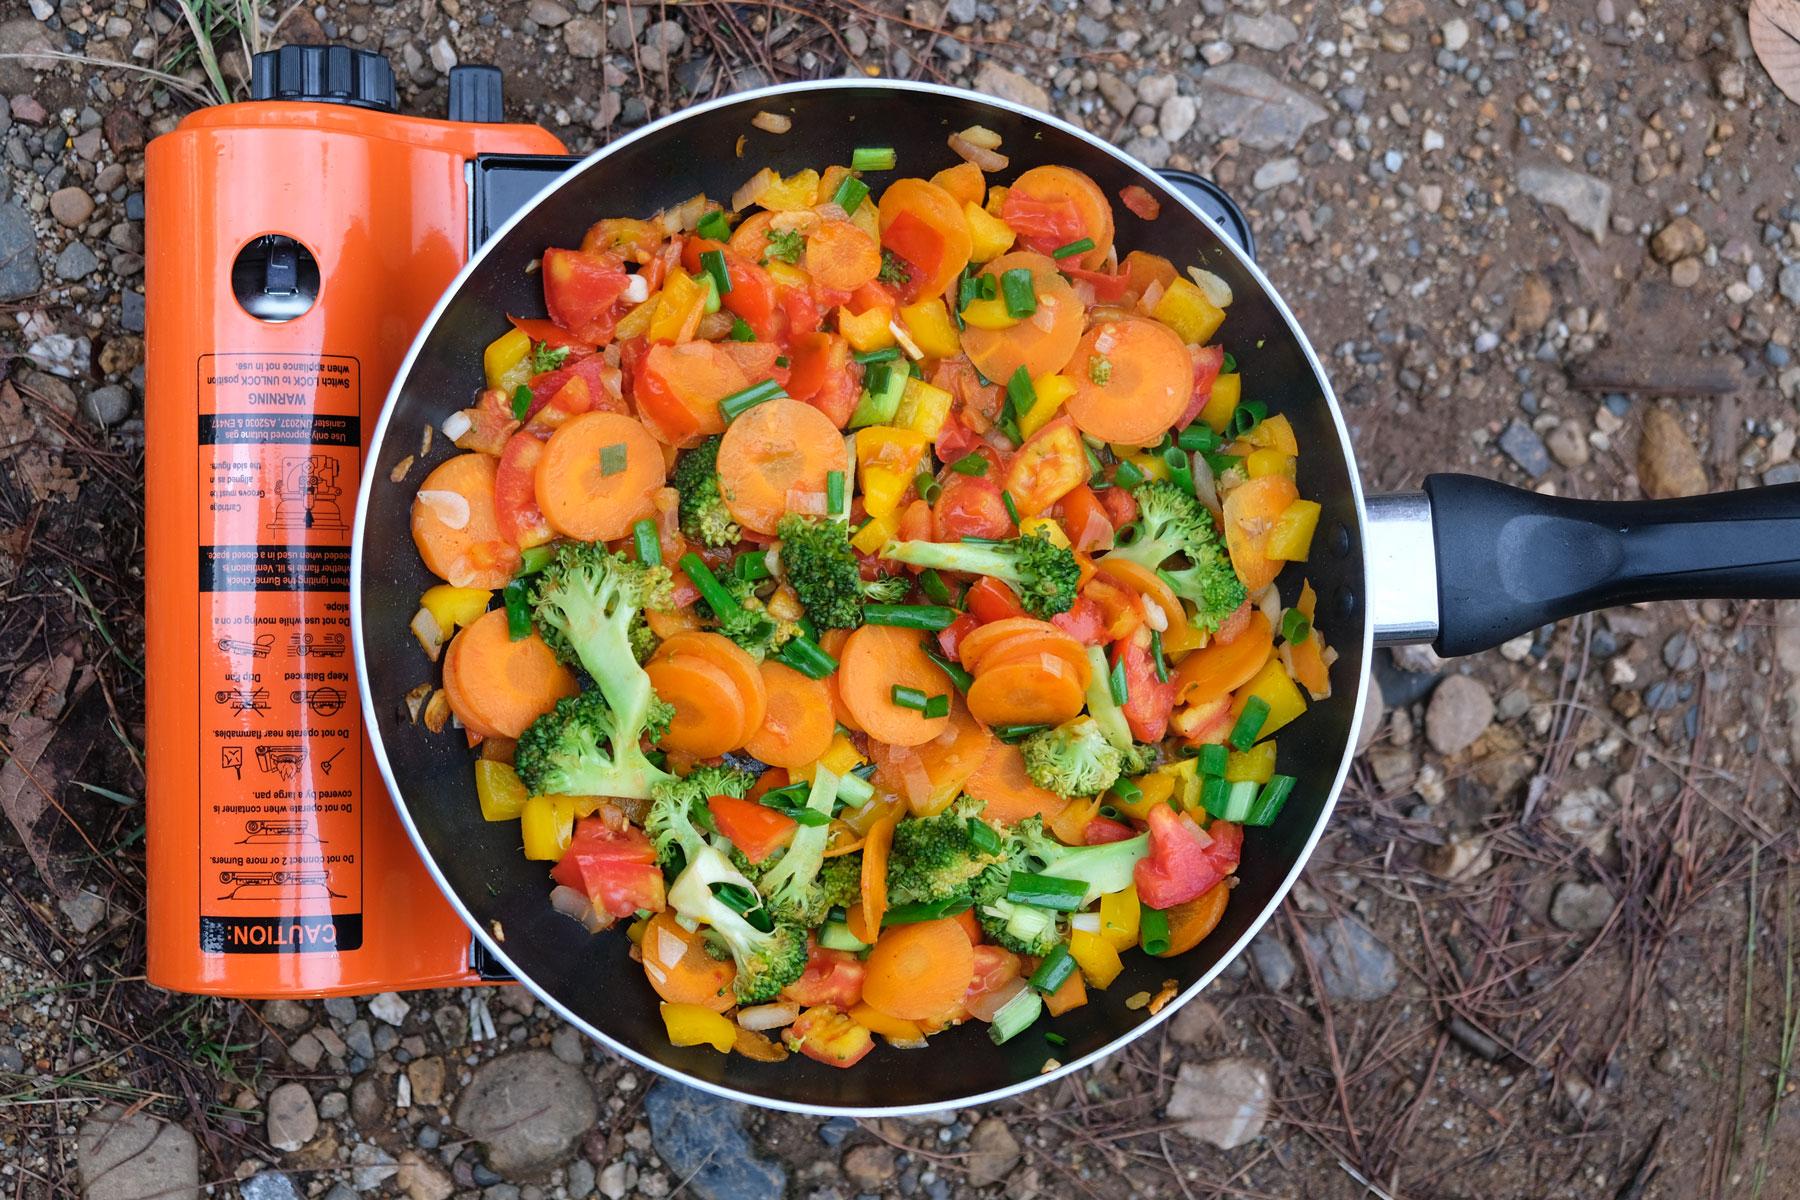 Eine Pfanne mit buntem Gemüse auf einem Campingkocher.